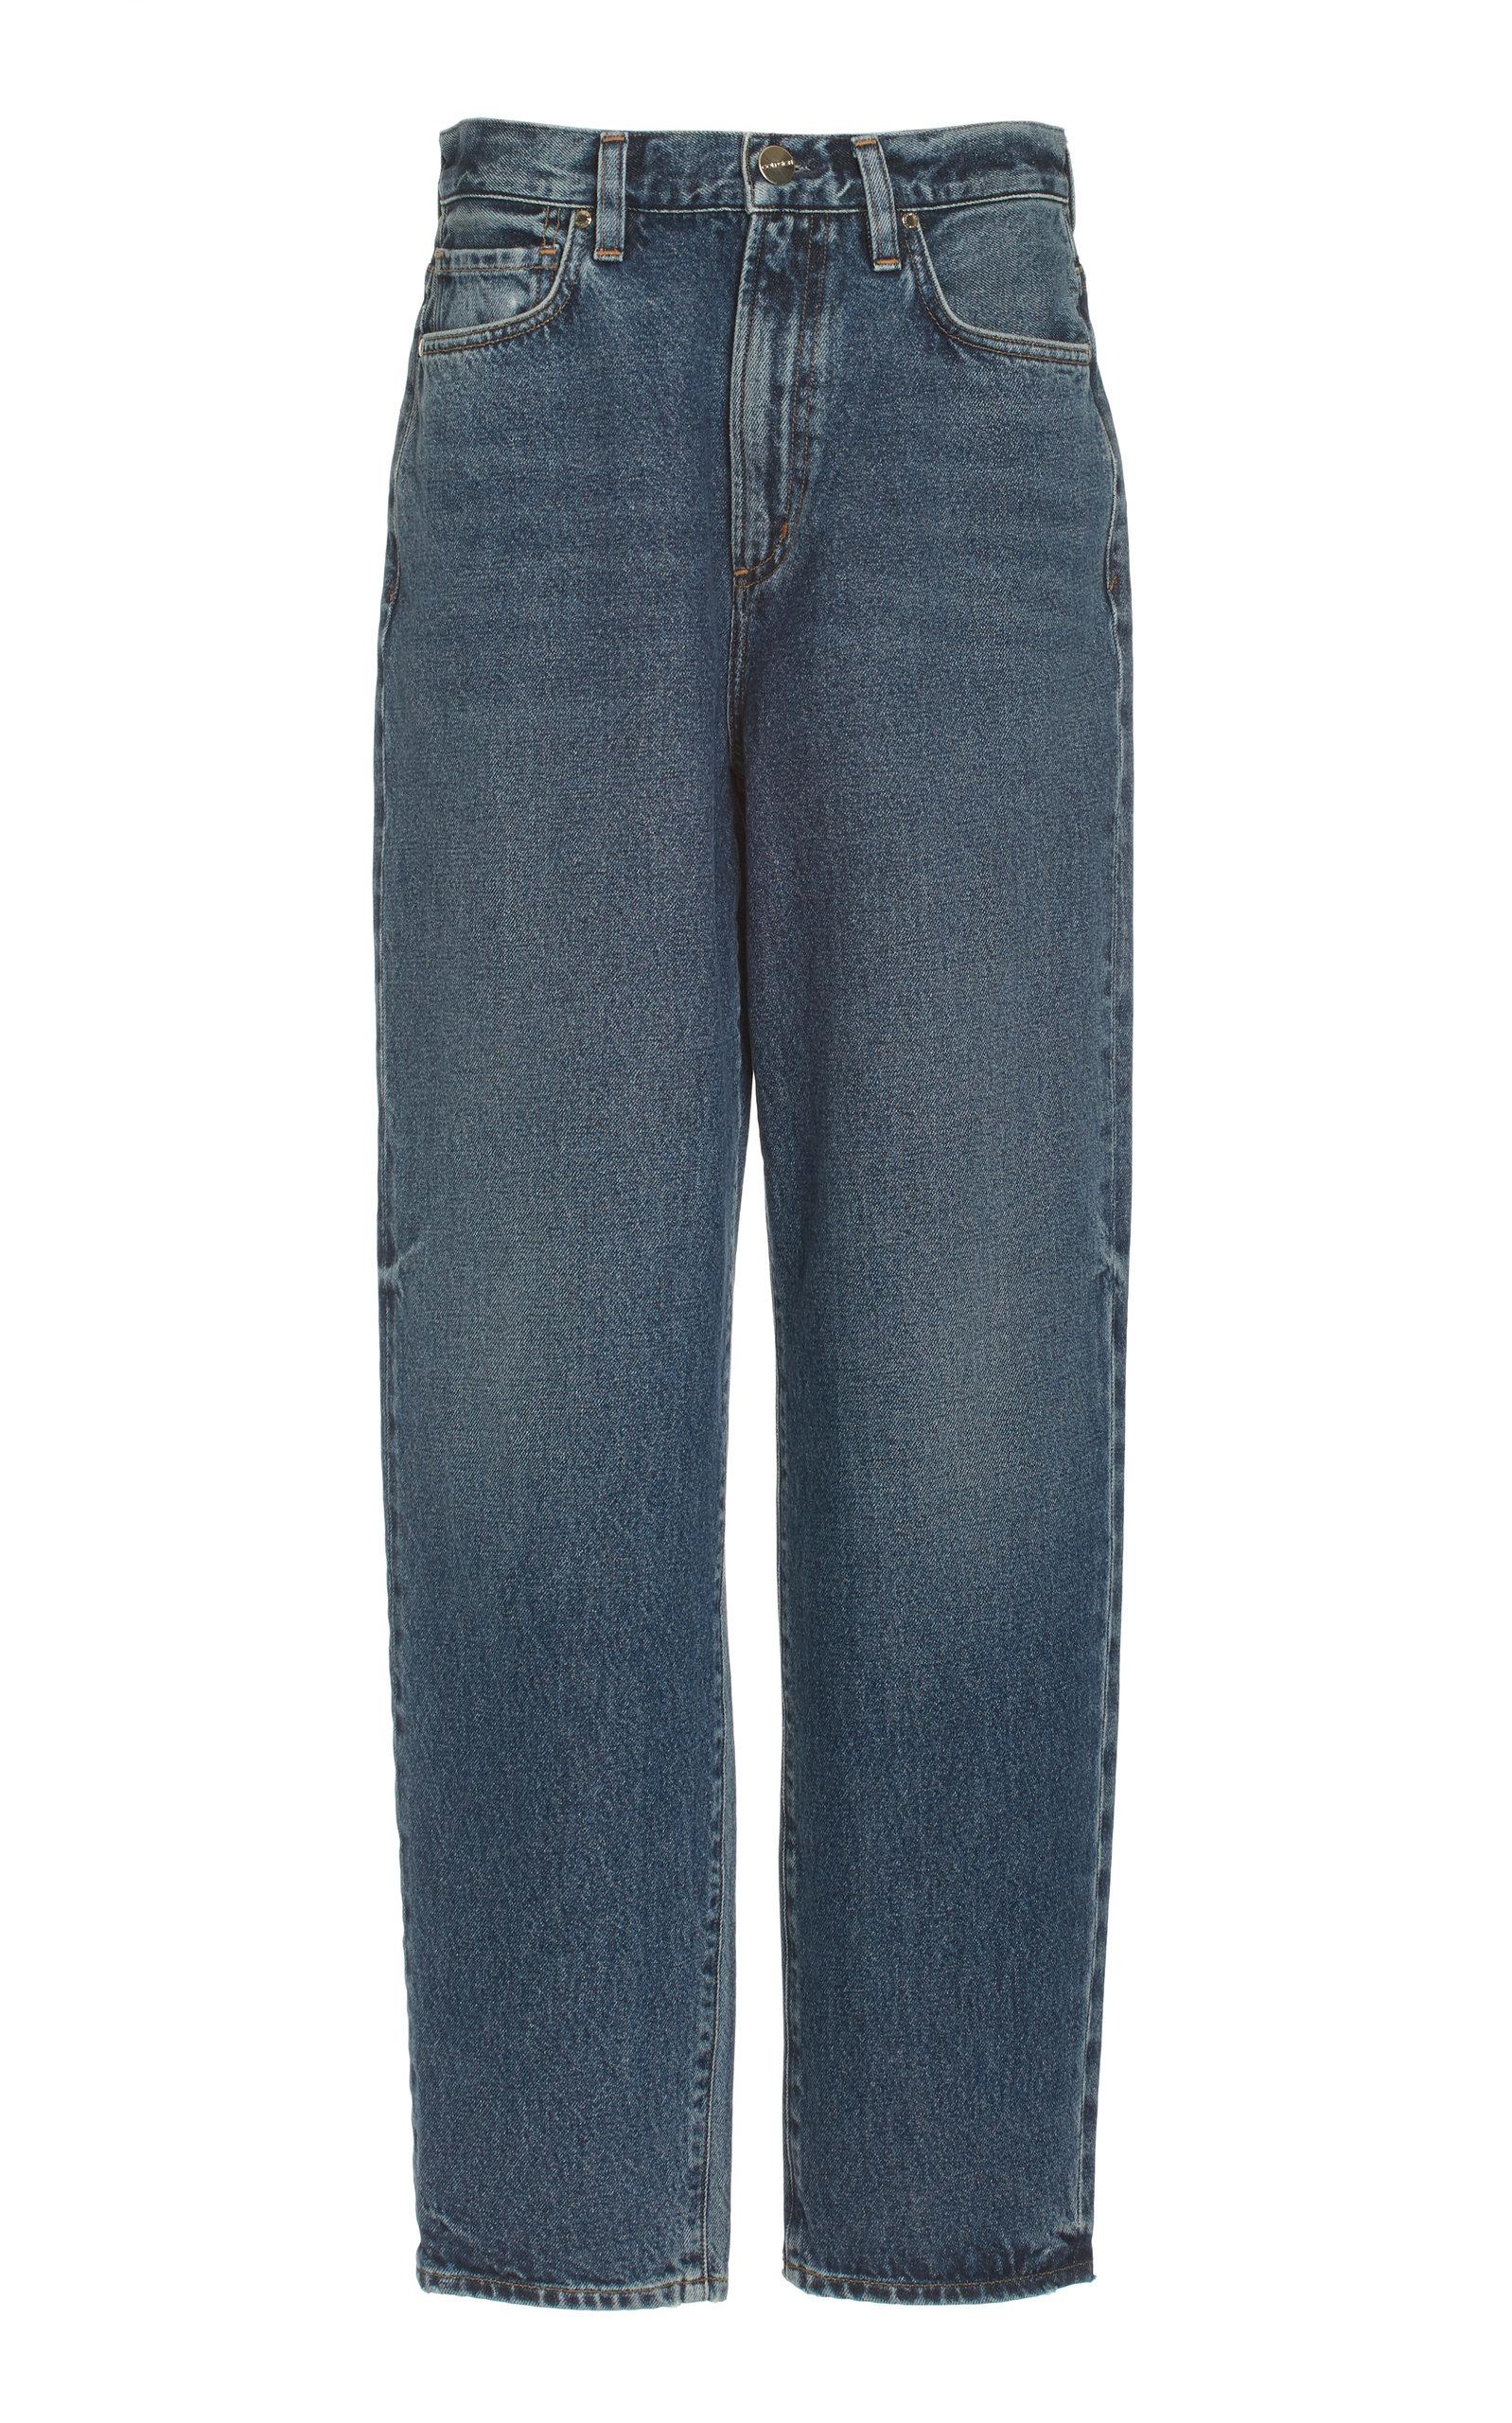 Women's The Peg Rigid High-Rise Wide-Leg Jeans